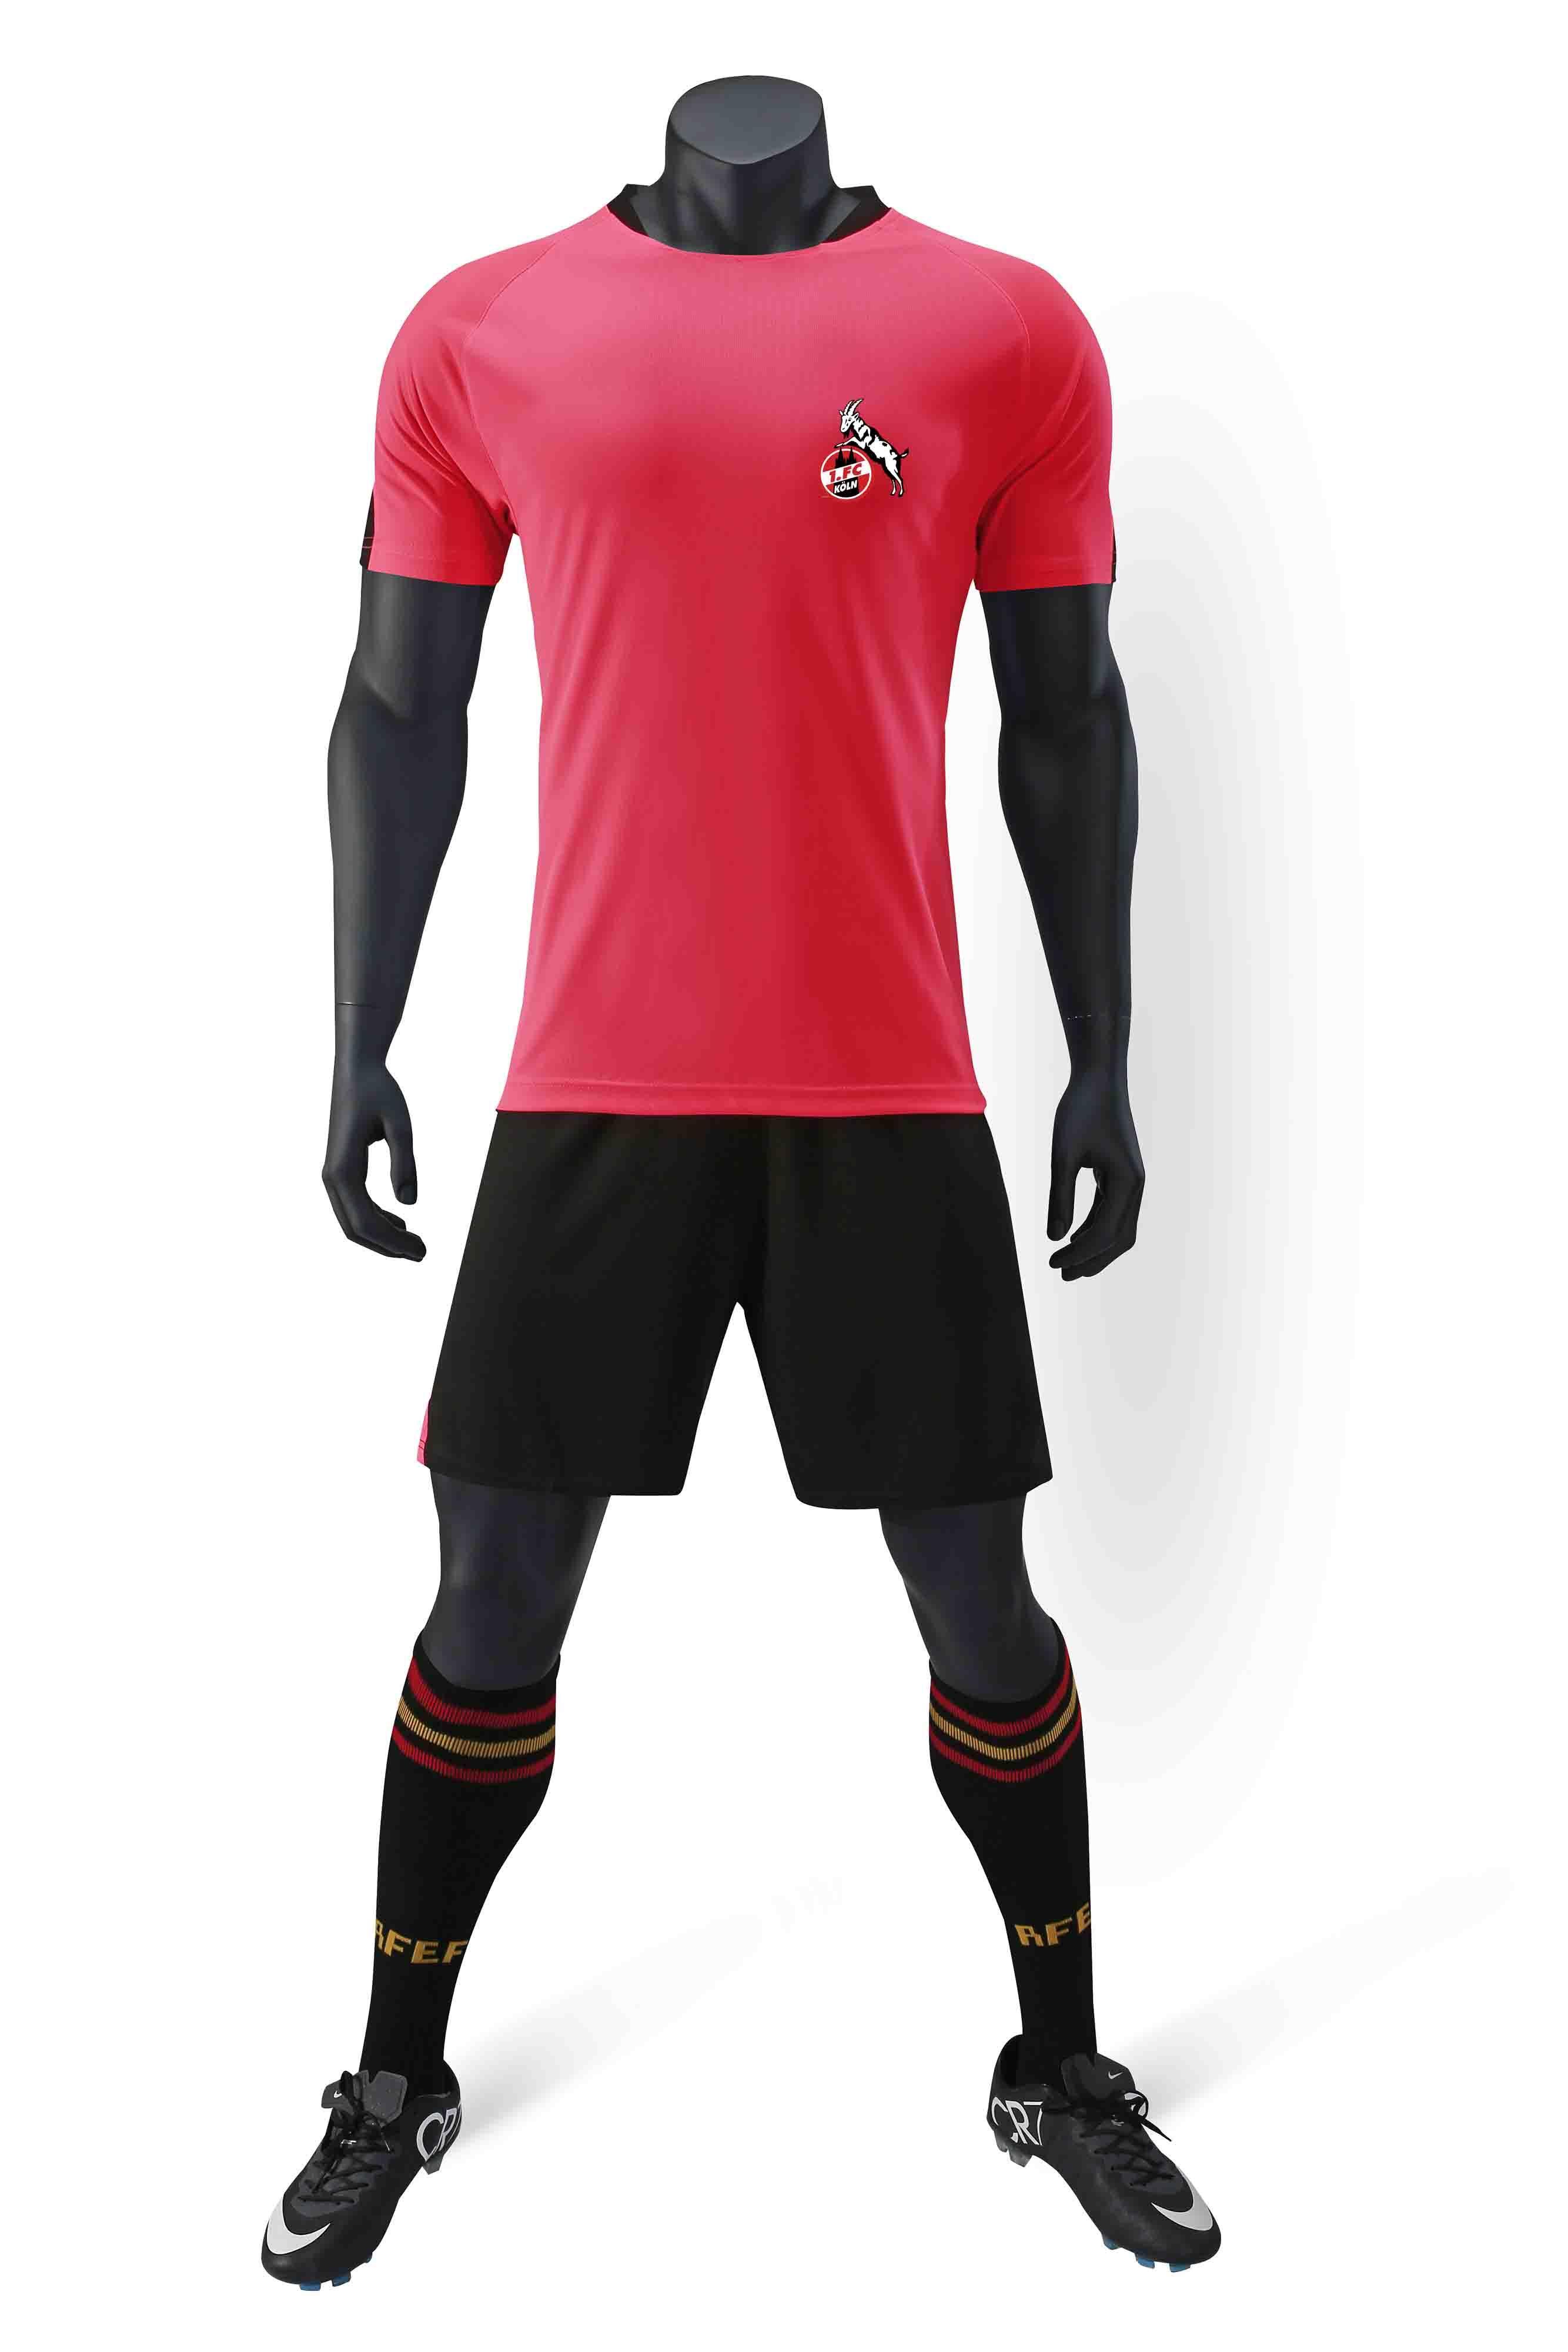 FC Köln 100% полиэстер спорта новый шаблон случайные футболки футбол костюм обучение модные мужские футбольные костюмы